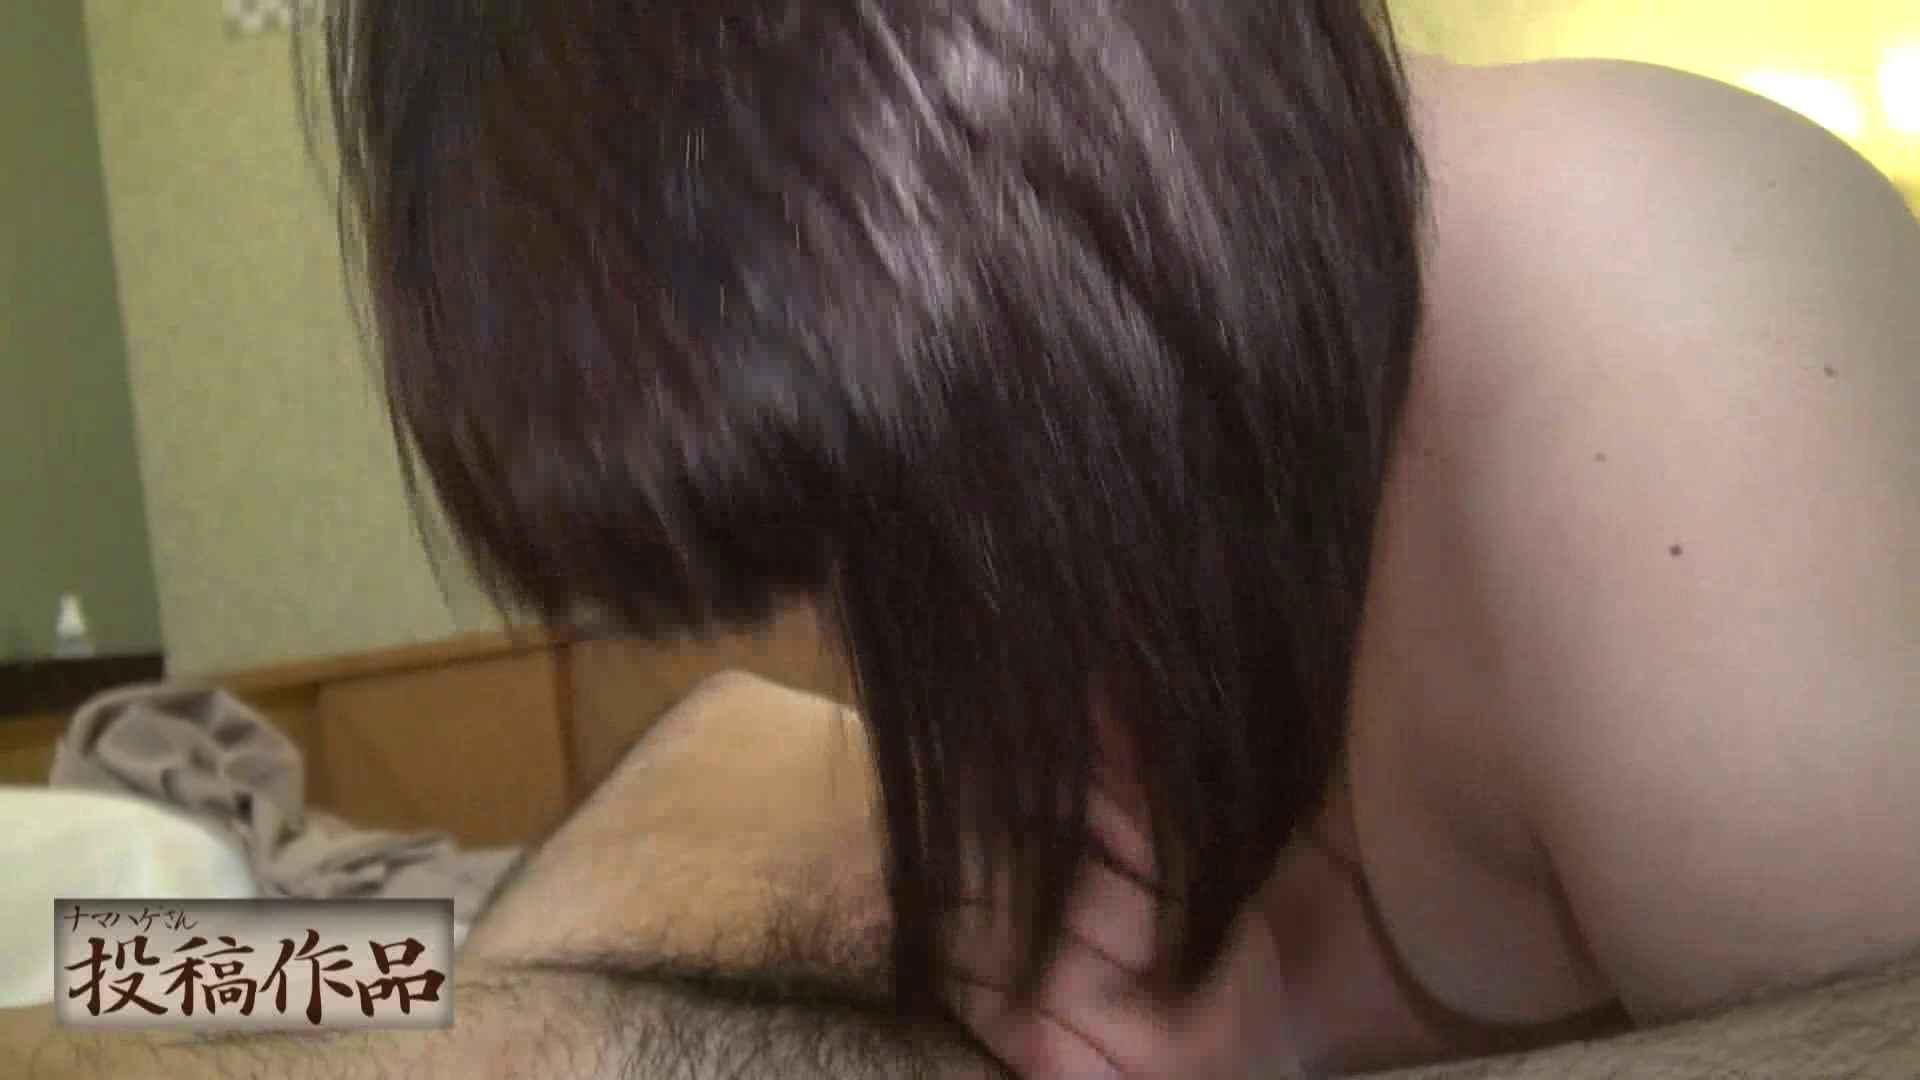 ナマハゲさんのまんこコレクション第二章 ナマハゲ naomi02 投稿 | 一般投稿  72枚 29